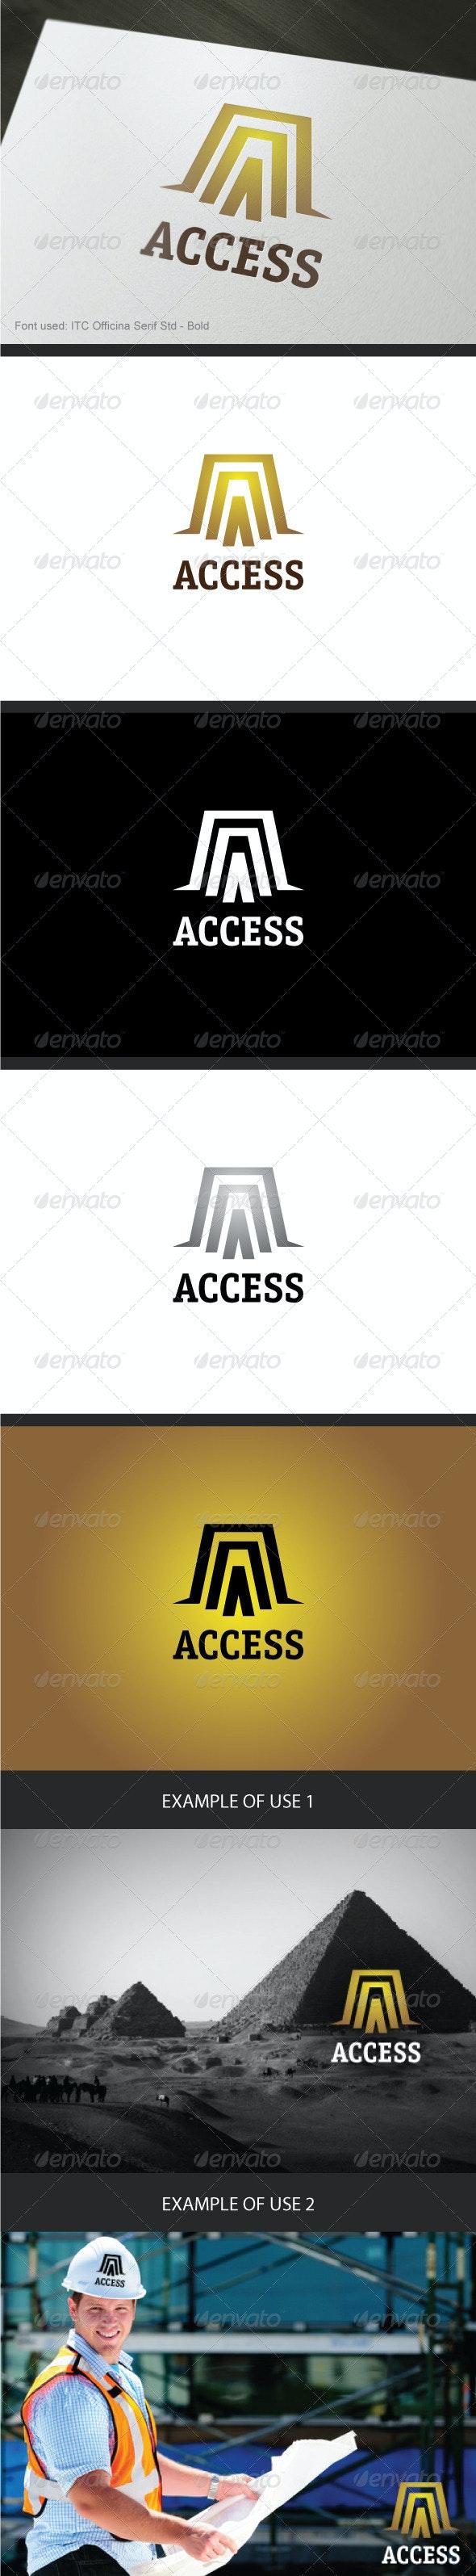 Access Logo - Abstract Logo Templates